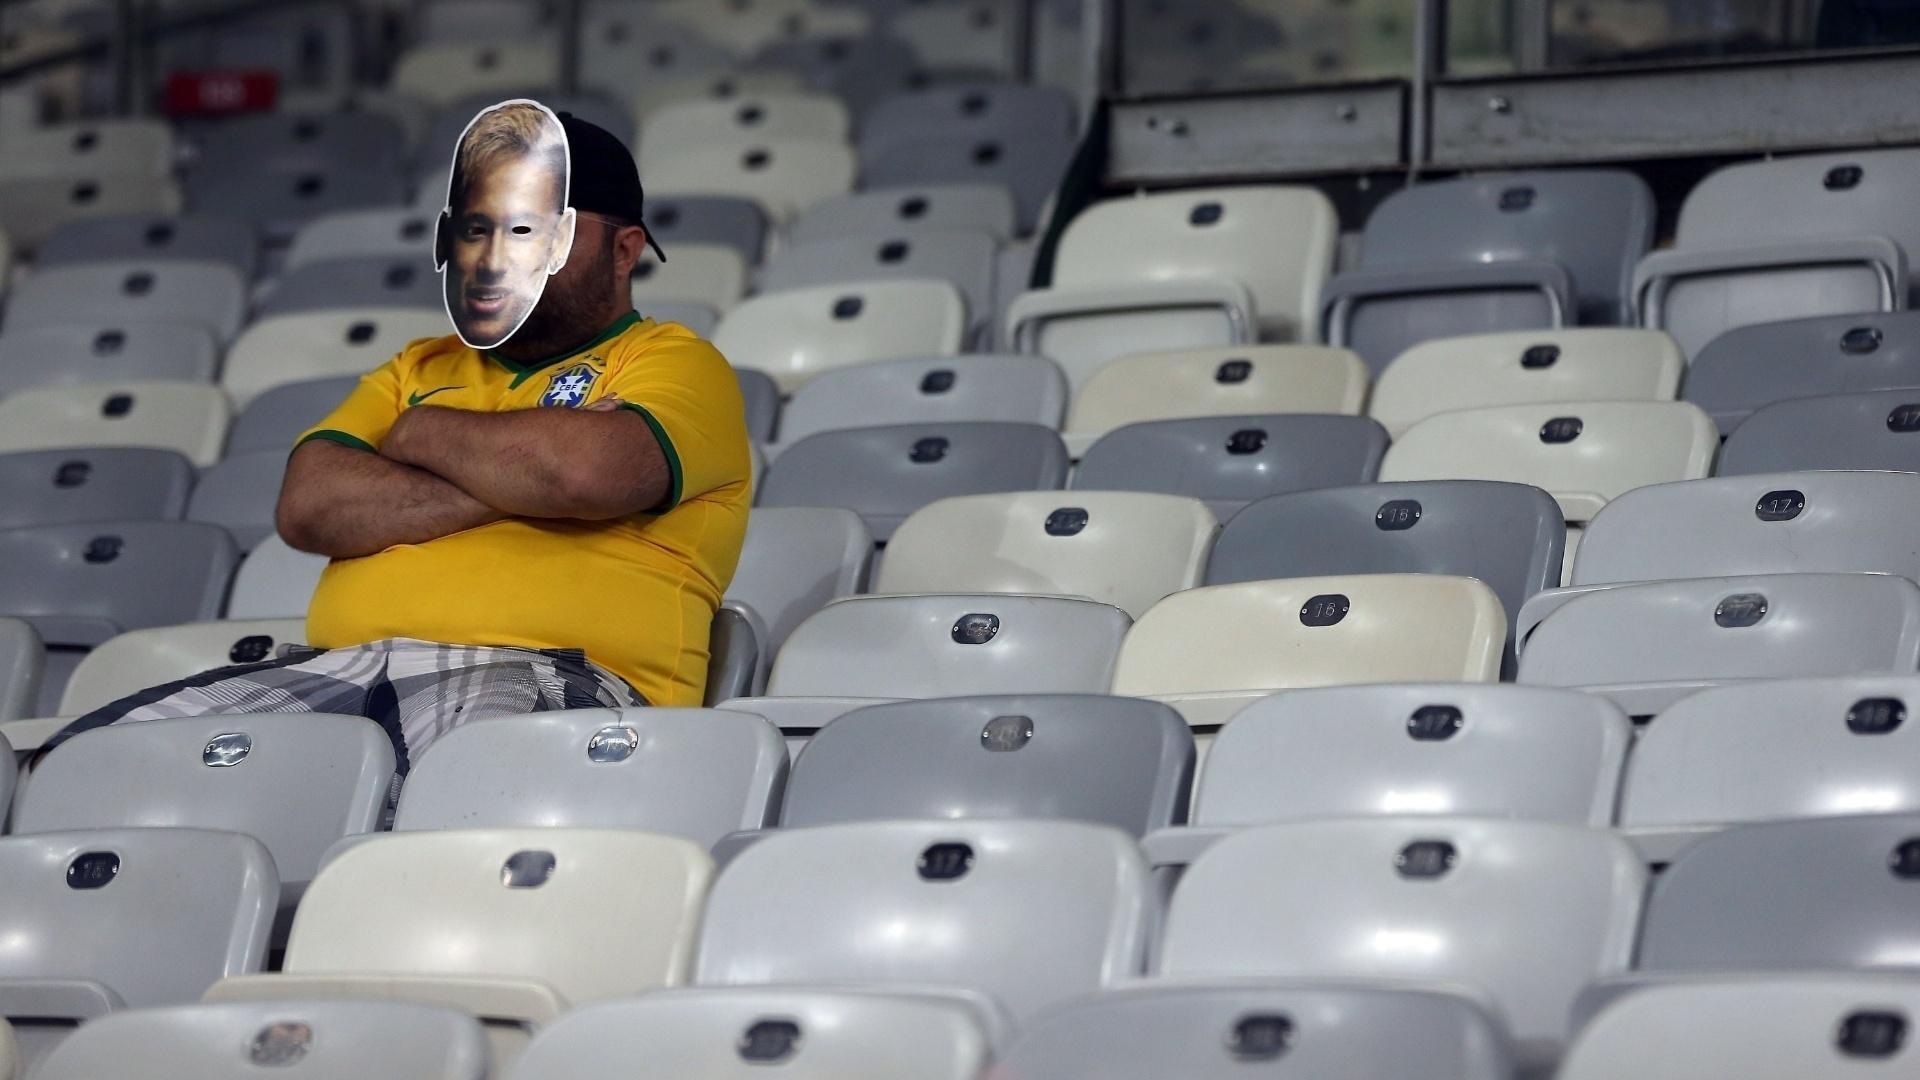 Torcedor brasileiro solitário na arquibancada no Mineirão parece não acreditar na derrota por 7 a 1 para Alemanha